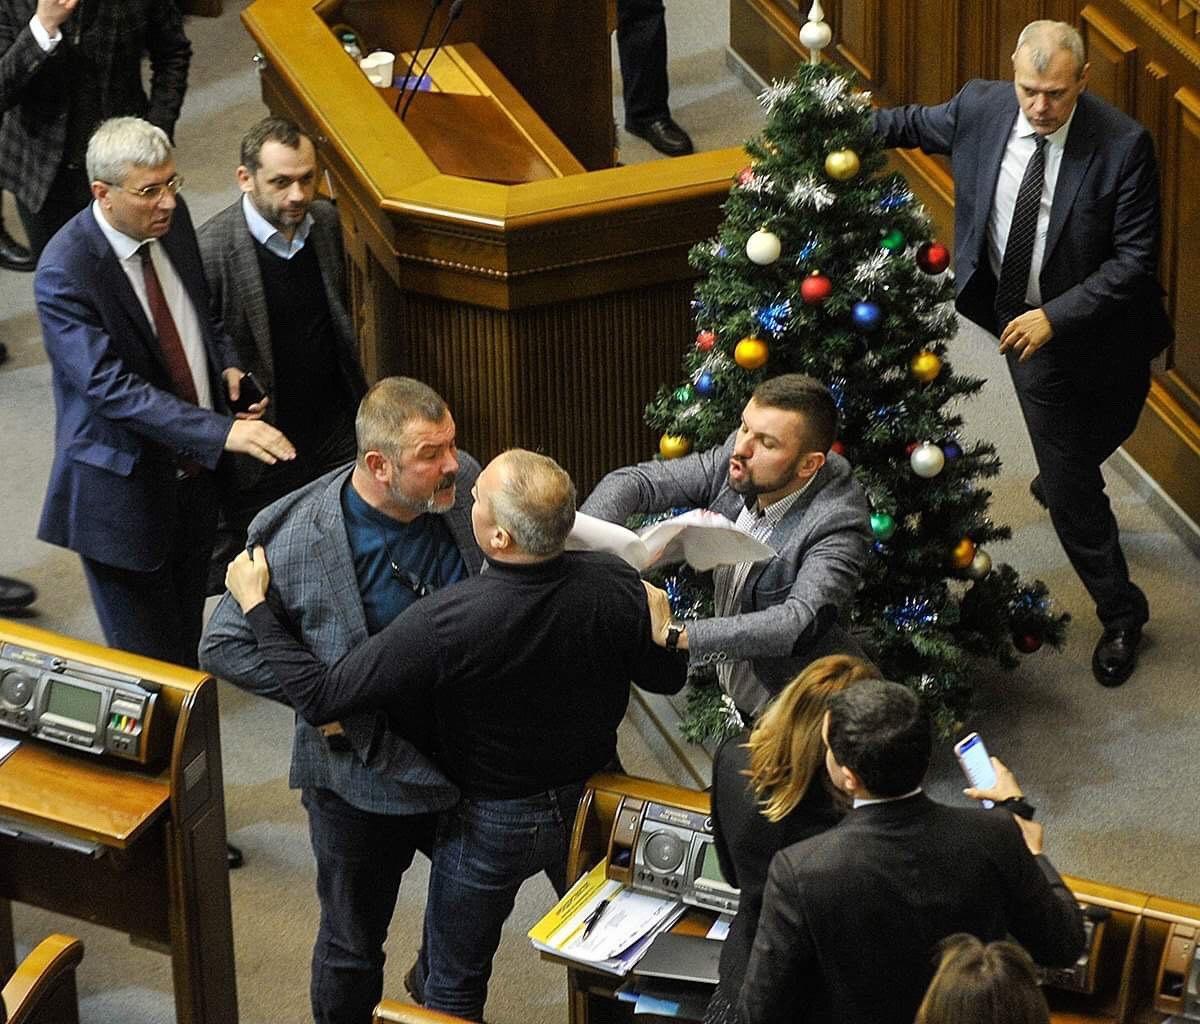 20 декабря нардепы по ускоренной процедуре приняли закон, которым рассчитывают обязать УПЦ (МП) изменить название так, чтобы оно показывало связь с РПЦ